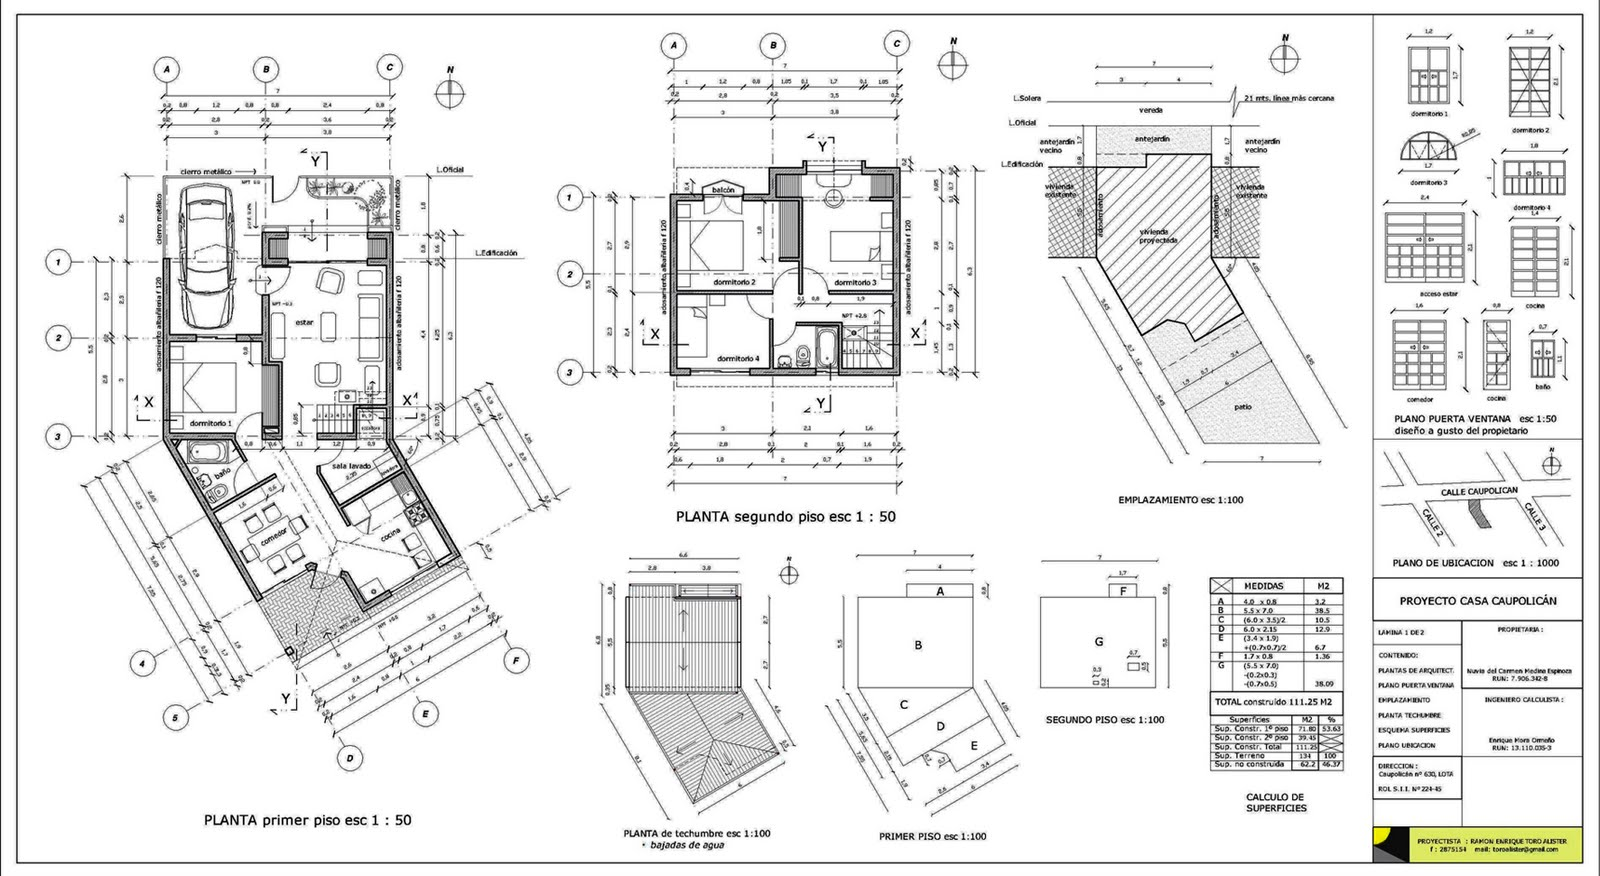 Arquitectura y urbanismo for Plantas de arquitectura